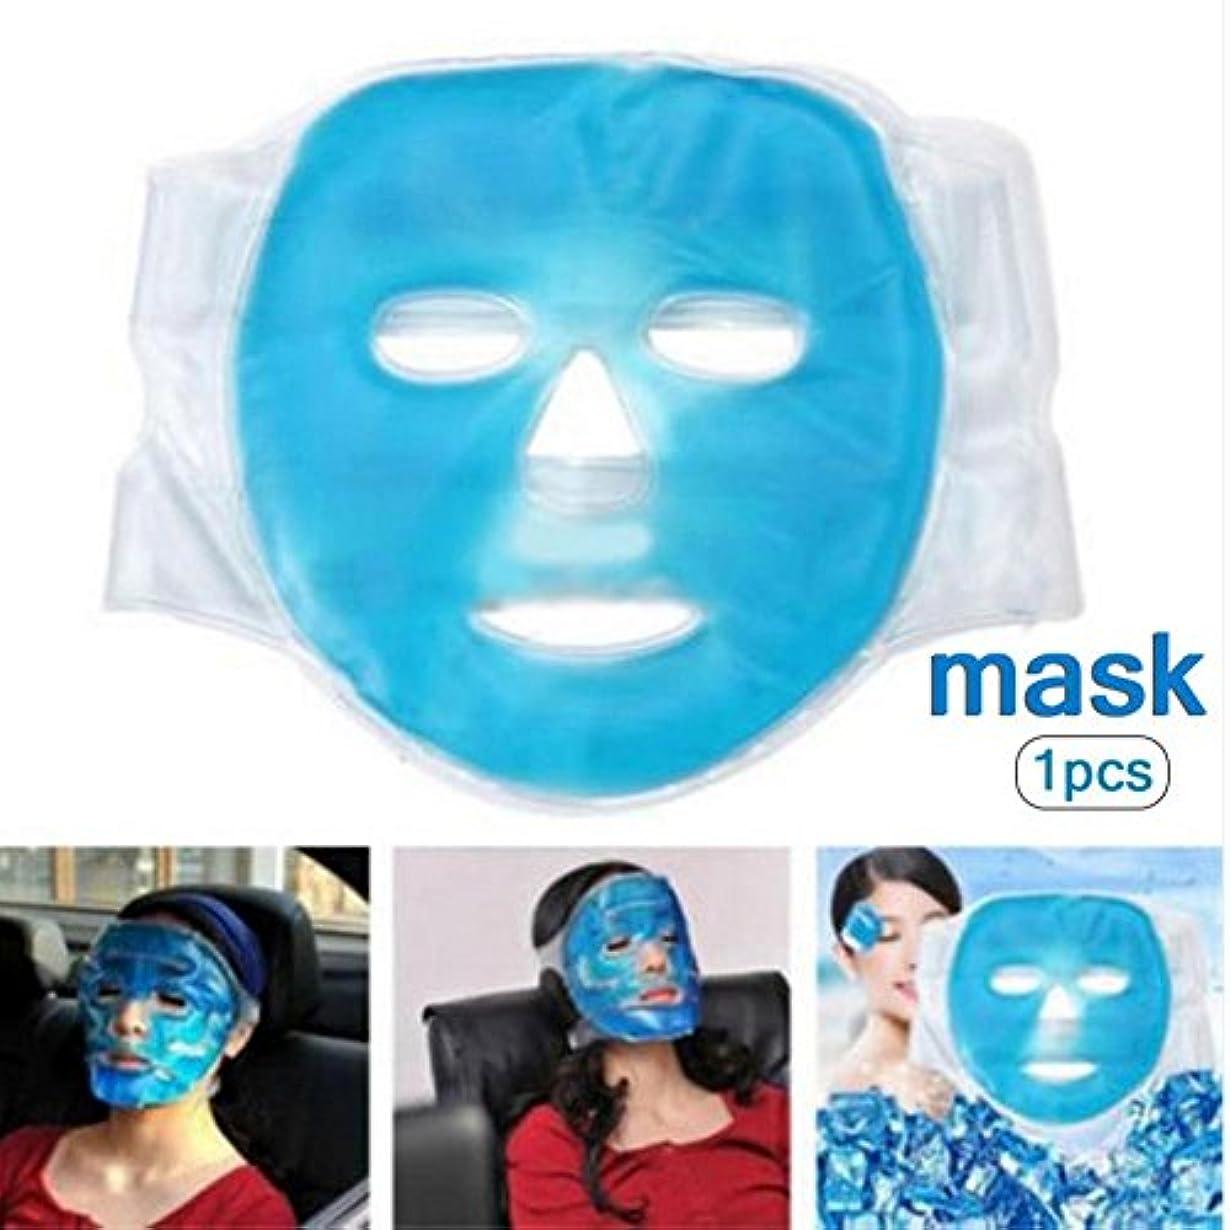 どっちでもバンカーシャツフェイスマスク 冷却マスク 美容マスク 冷温兼用 美容用 再利用可能 理学療法 毛細血管収縮 毛穴収縮 睡眠冷却 疲労緩和 肌ケア 保湿 吸収しやすい コールドパックホットパック 美容マッサージ アイスマスク (ブルー)